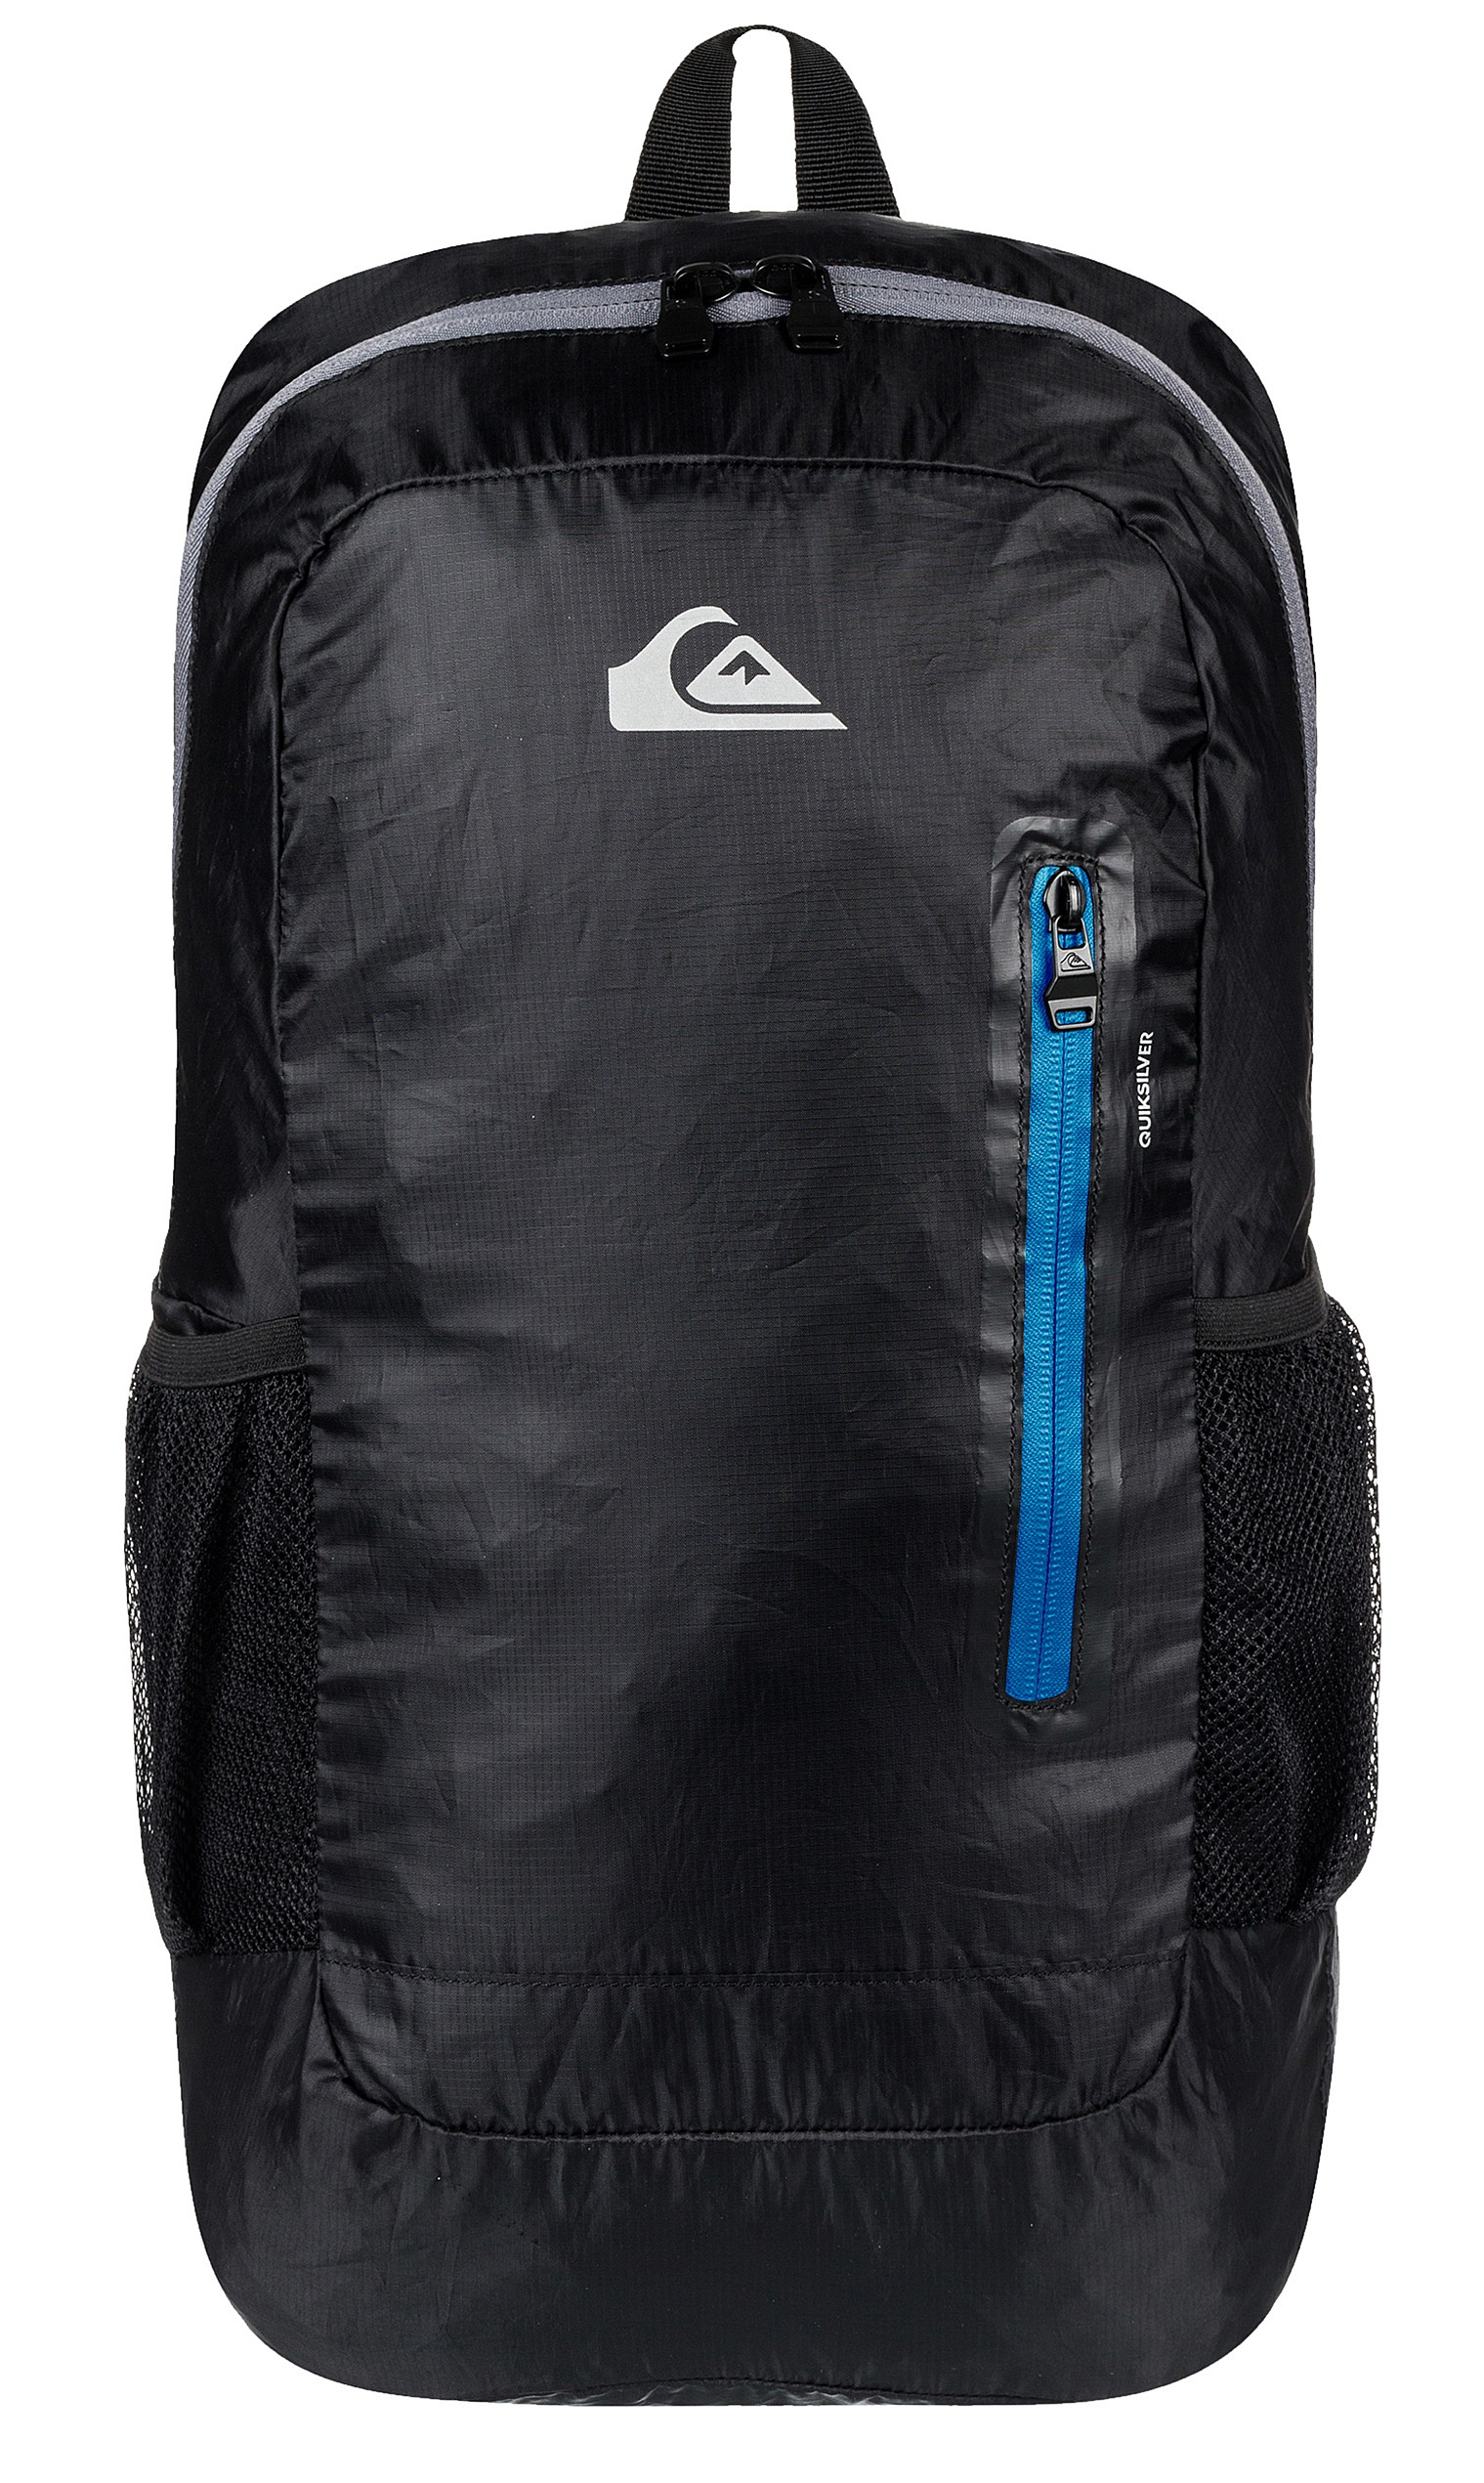 batoh Quiksilver Octo Packable - BLK Black 22 L 7b91ec21b3